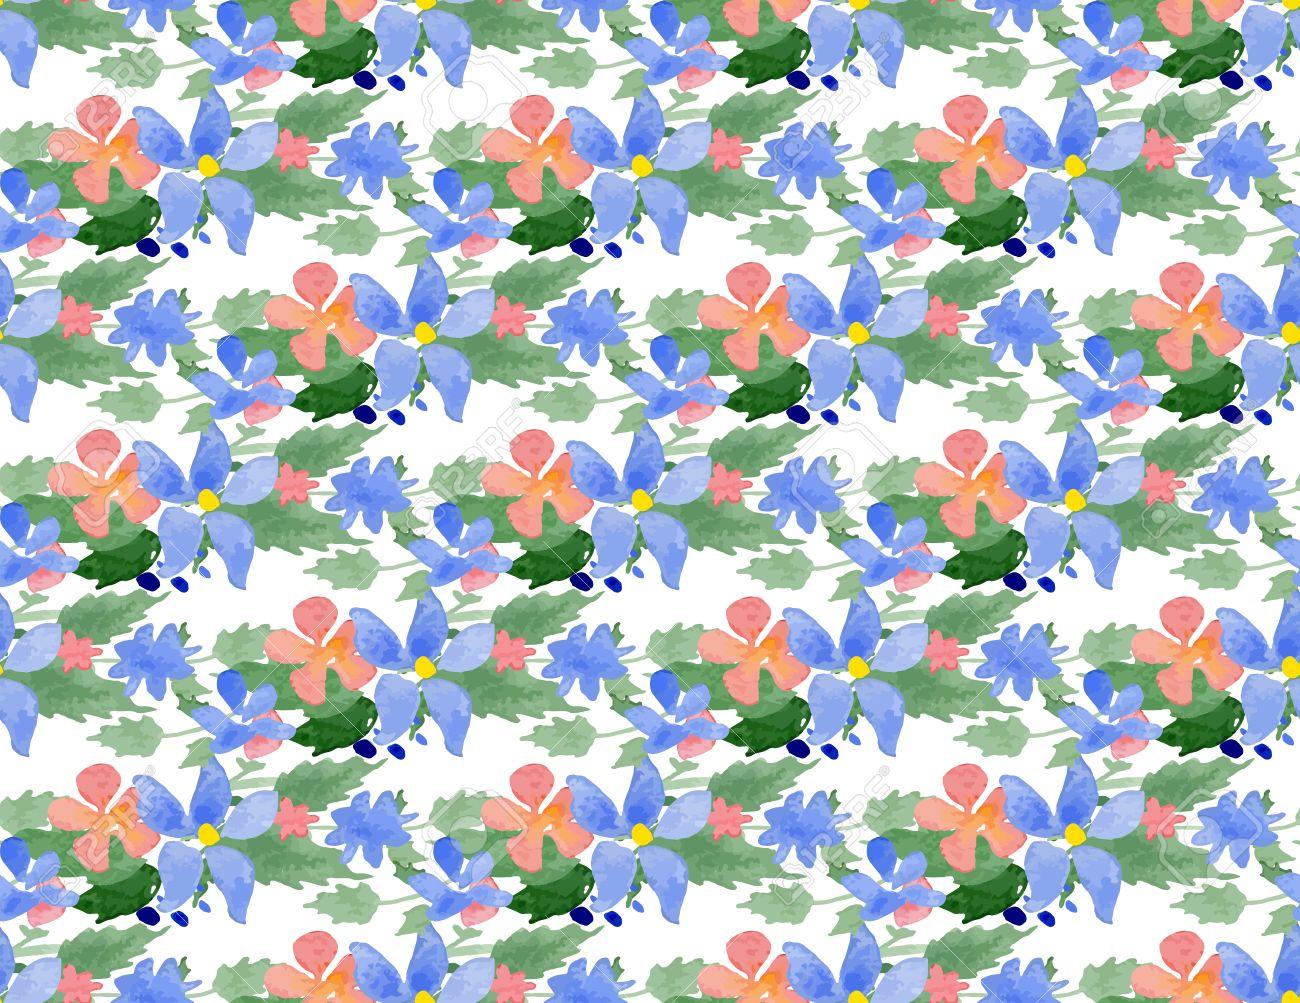 水彩花のシームレスなパターン イラストレーター スウォッチ透明な